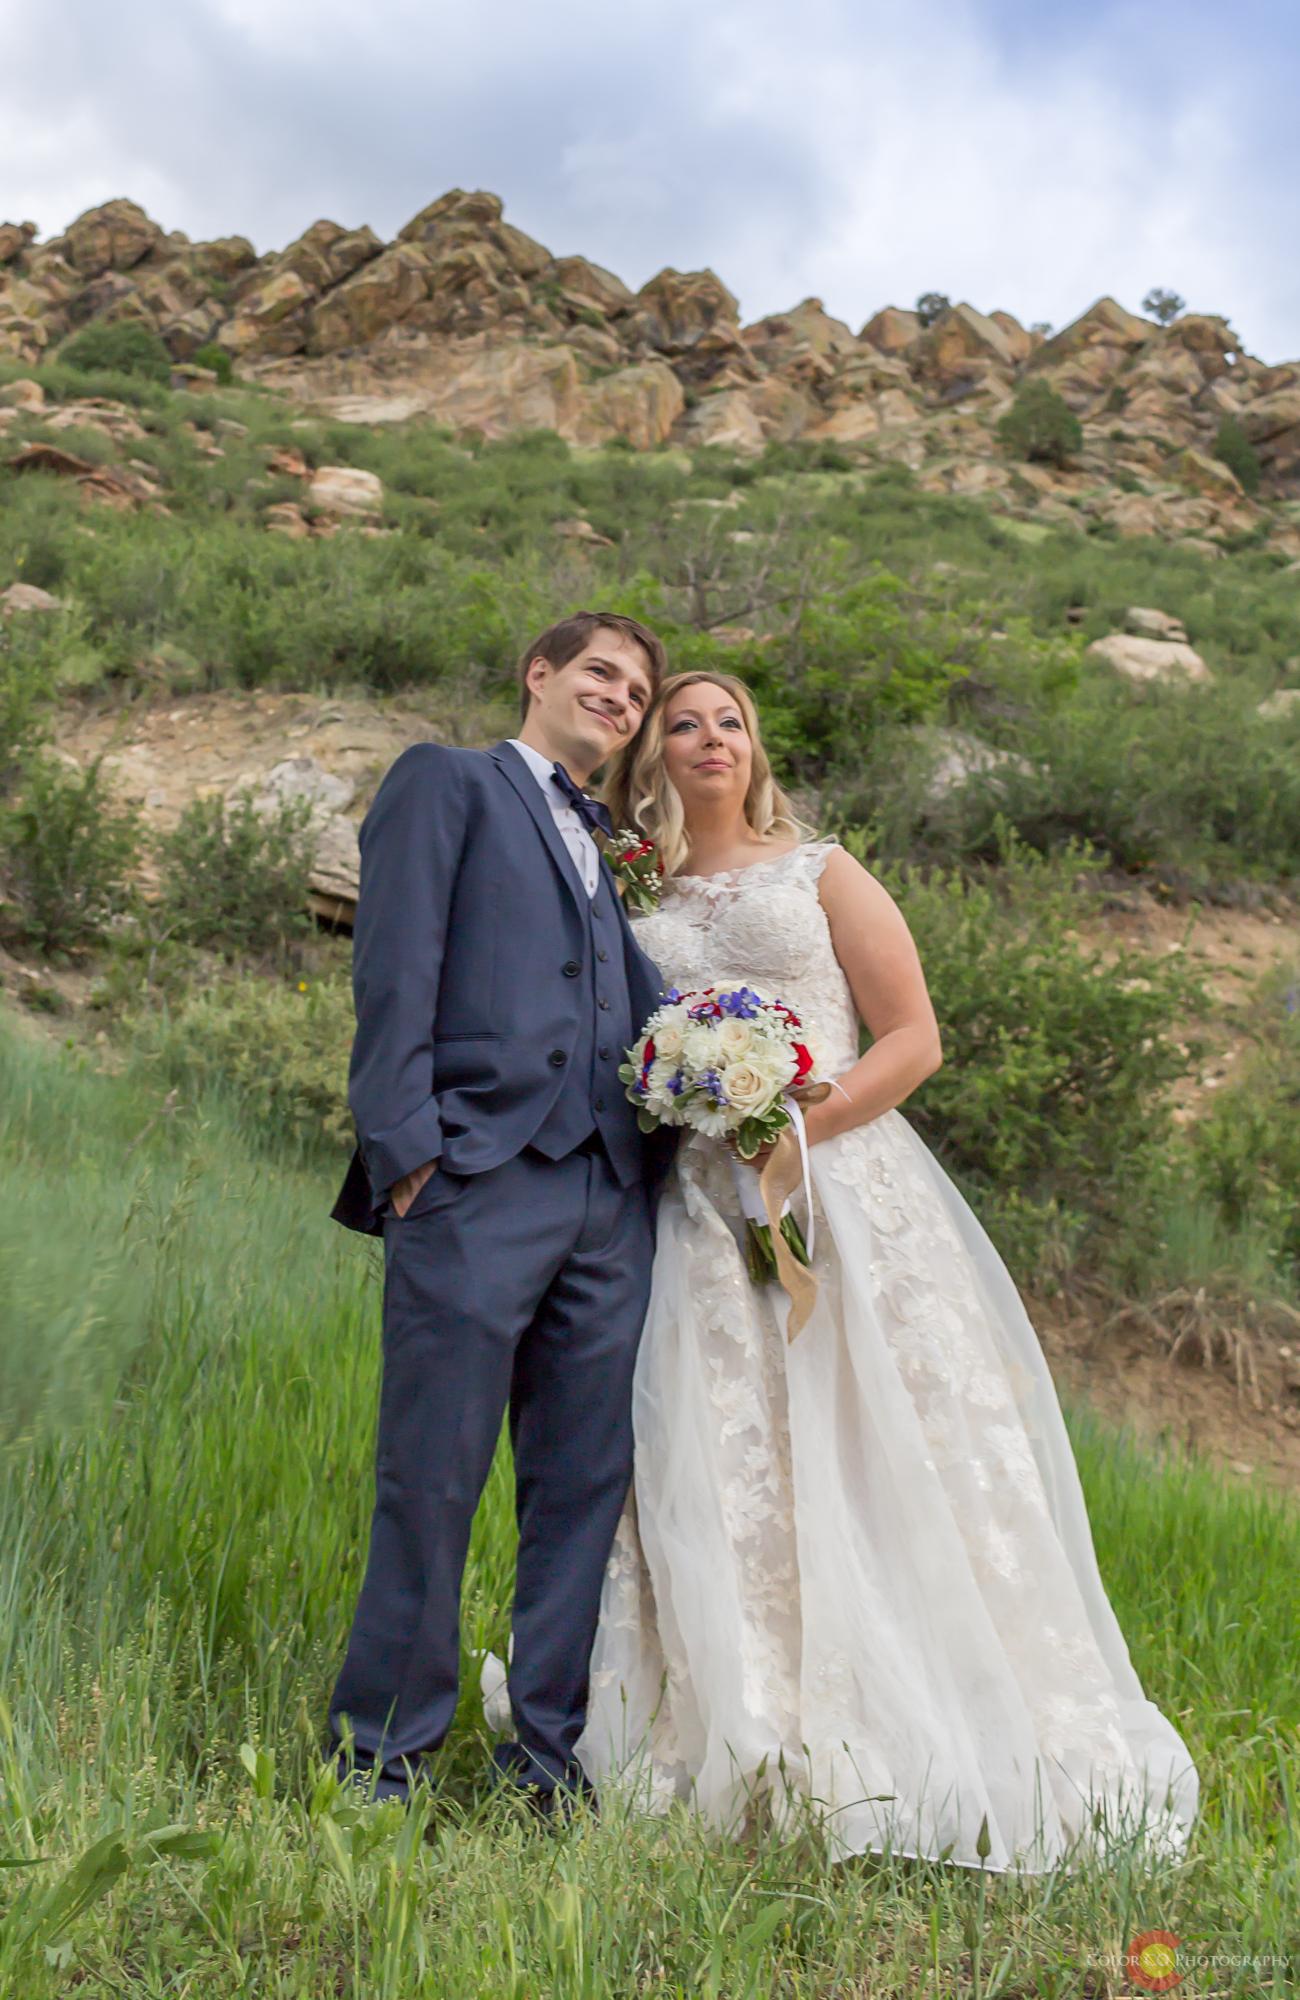 Morrison Wedding - couple hillside 2.JPG